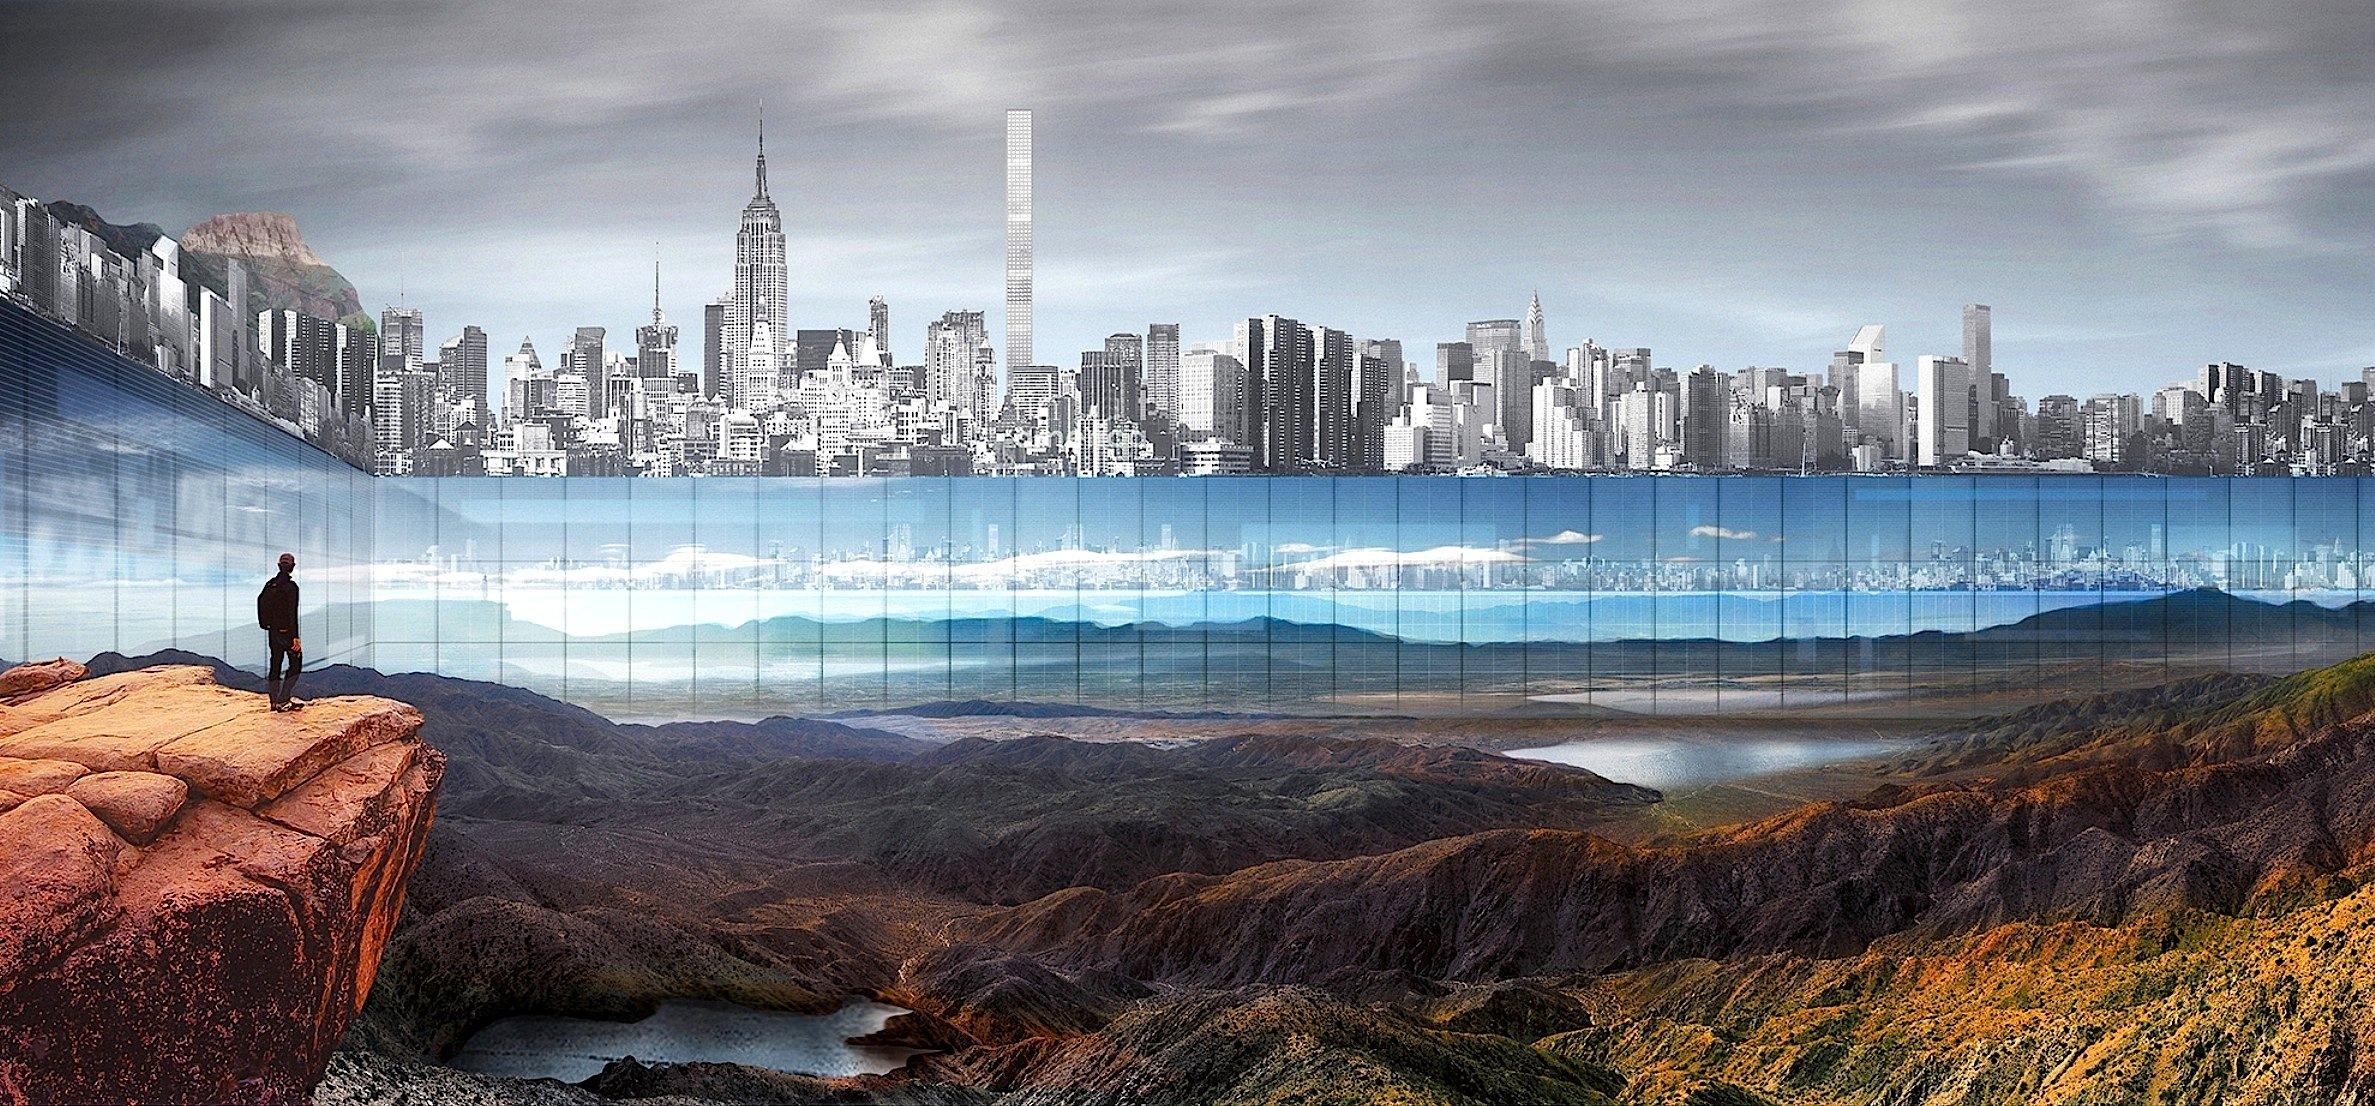 Das werden sich die New Yorker kaum gefallen lassen: Dieamerikanischen Architekten Yitan Sun und Jianshi Wu können sich vorstellen, den Park abzusenken und in eine dramatische Landschaft zu verwandeln, auf die von den umgebenden Hochhäusern heruntergeschaut werden kann.